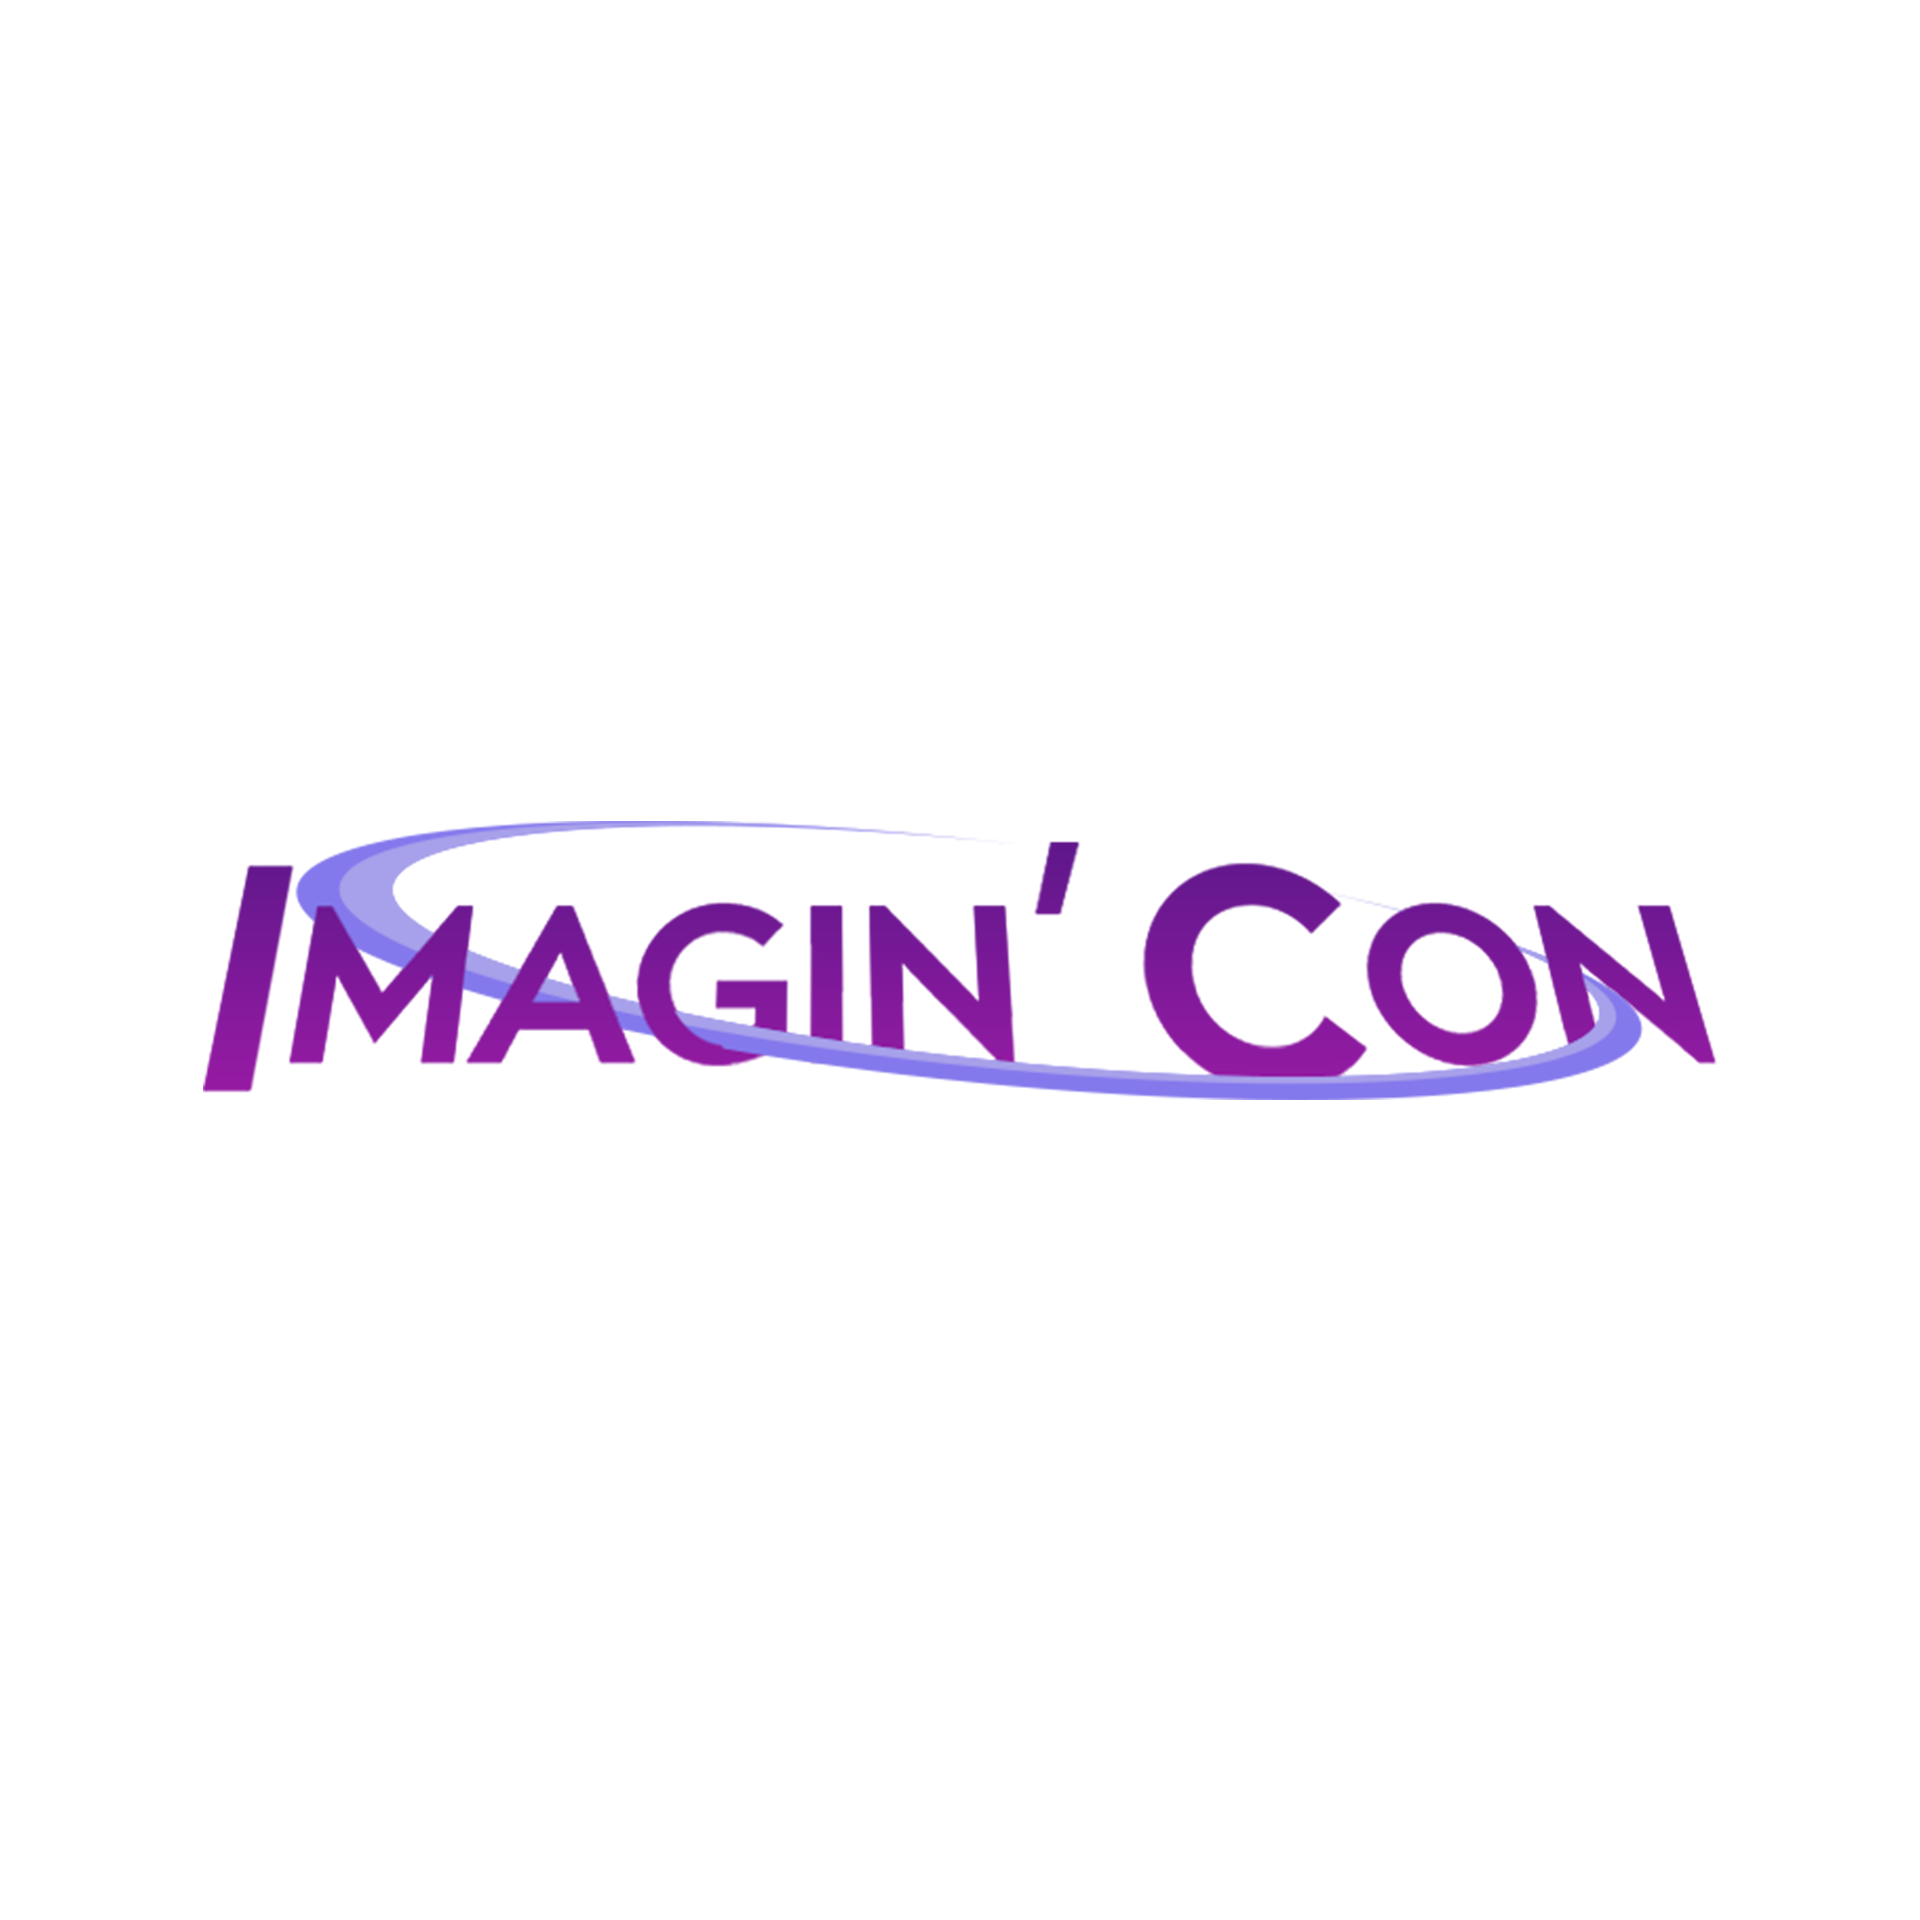 Imagin' Con